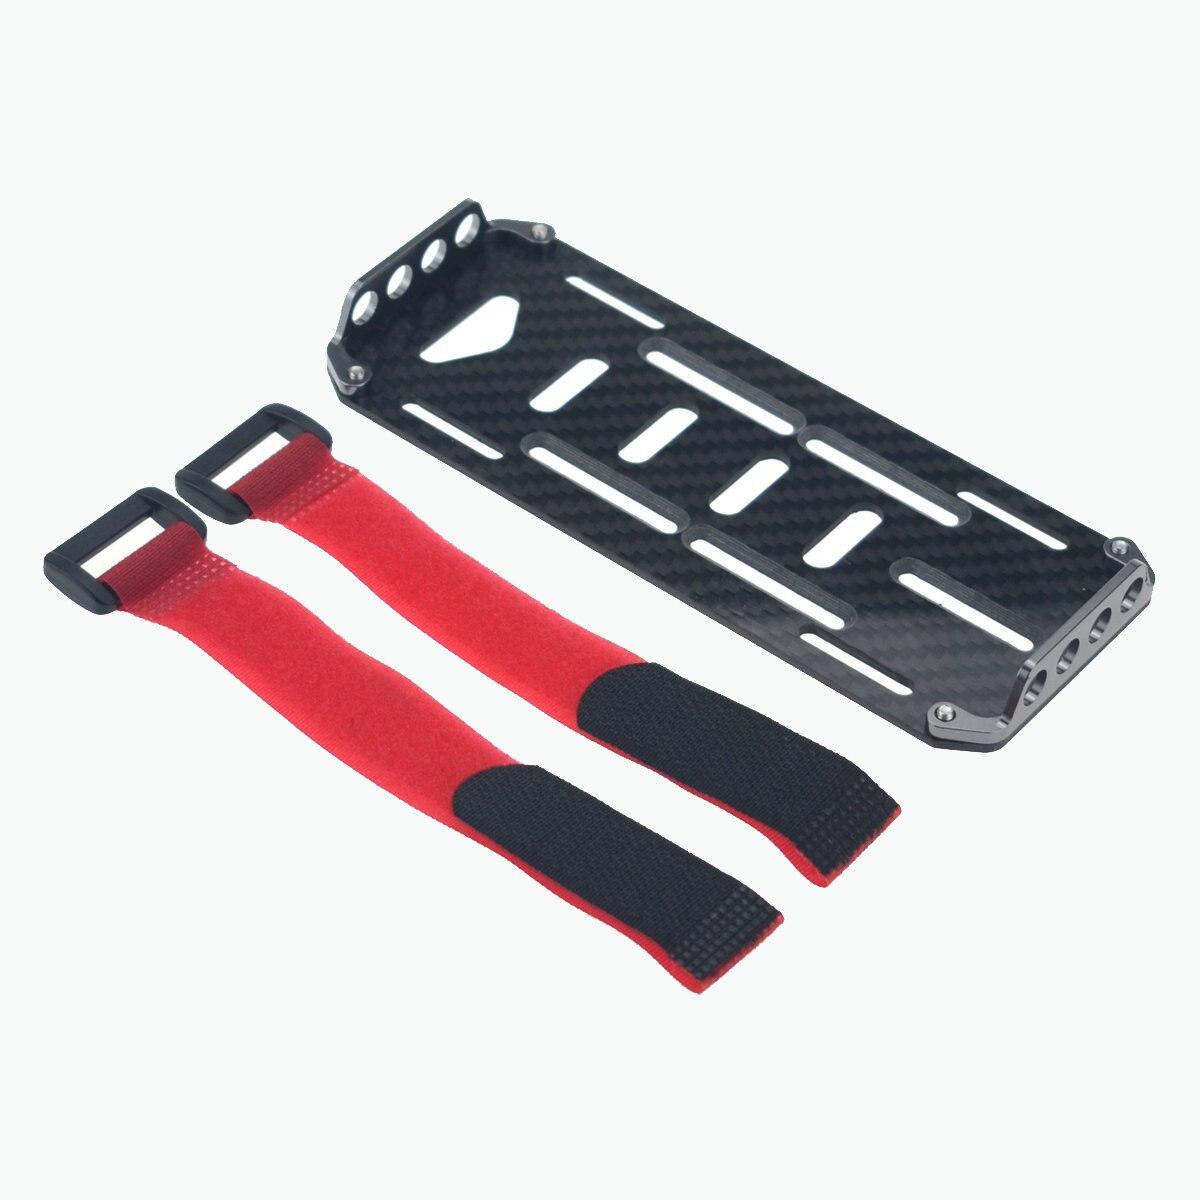 Alta calidad 1/10 RC coche negro de fibra de carbono de la batería placa de montaje scx10 CC01 F350 D90 rc4wd